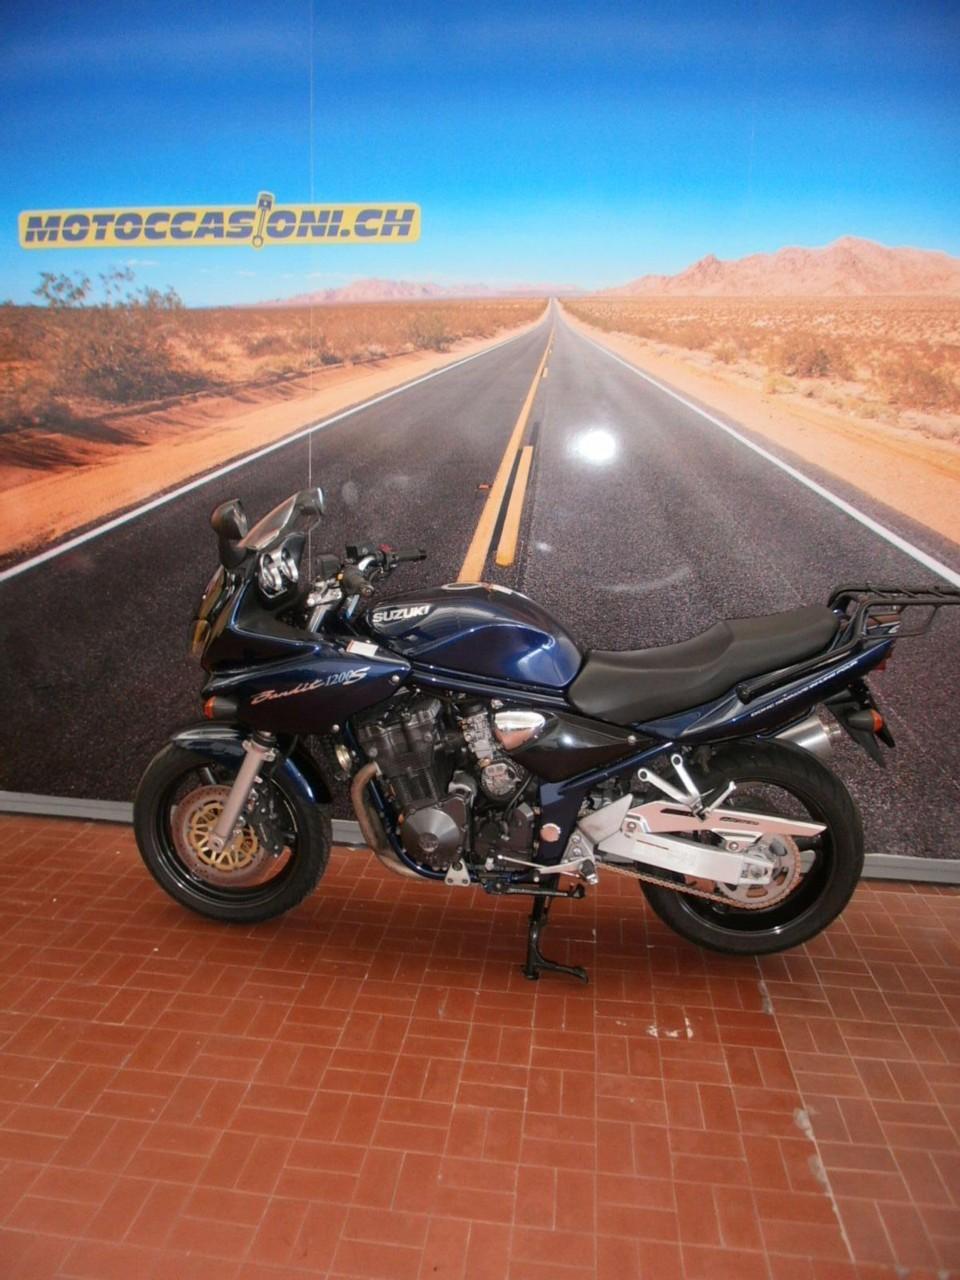 motorrad occasion kaufen suzuki gsf 1200 s bandit motoccasioni sa grancia. Black Bedroom Furniture Sets. Home Design Ideas